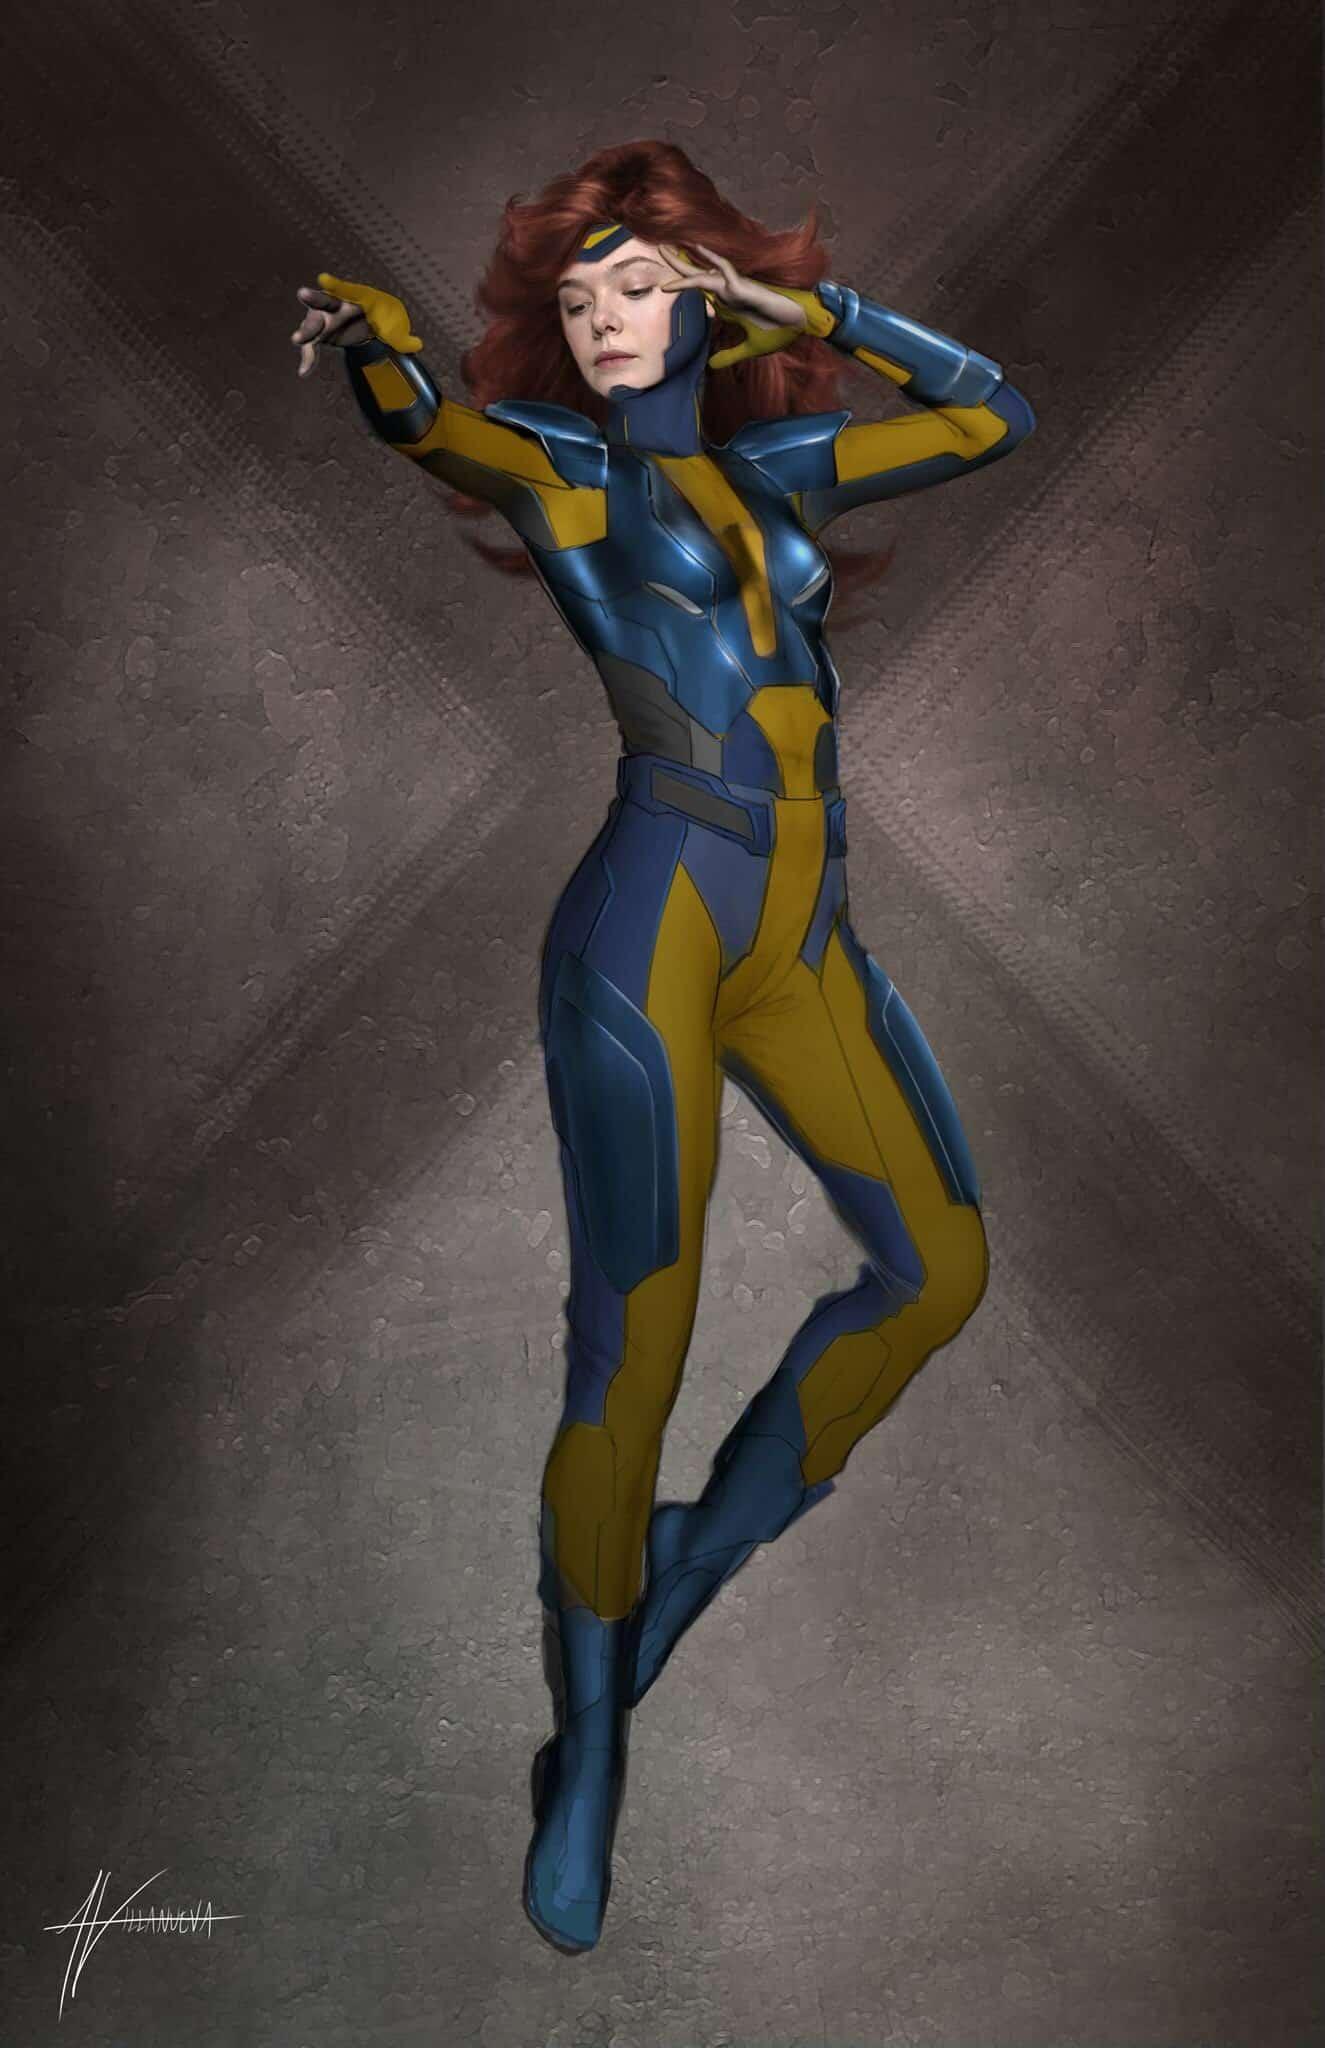 X-Men Apocalypse Elle Fanning Jean Grey